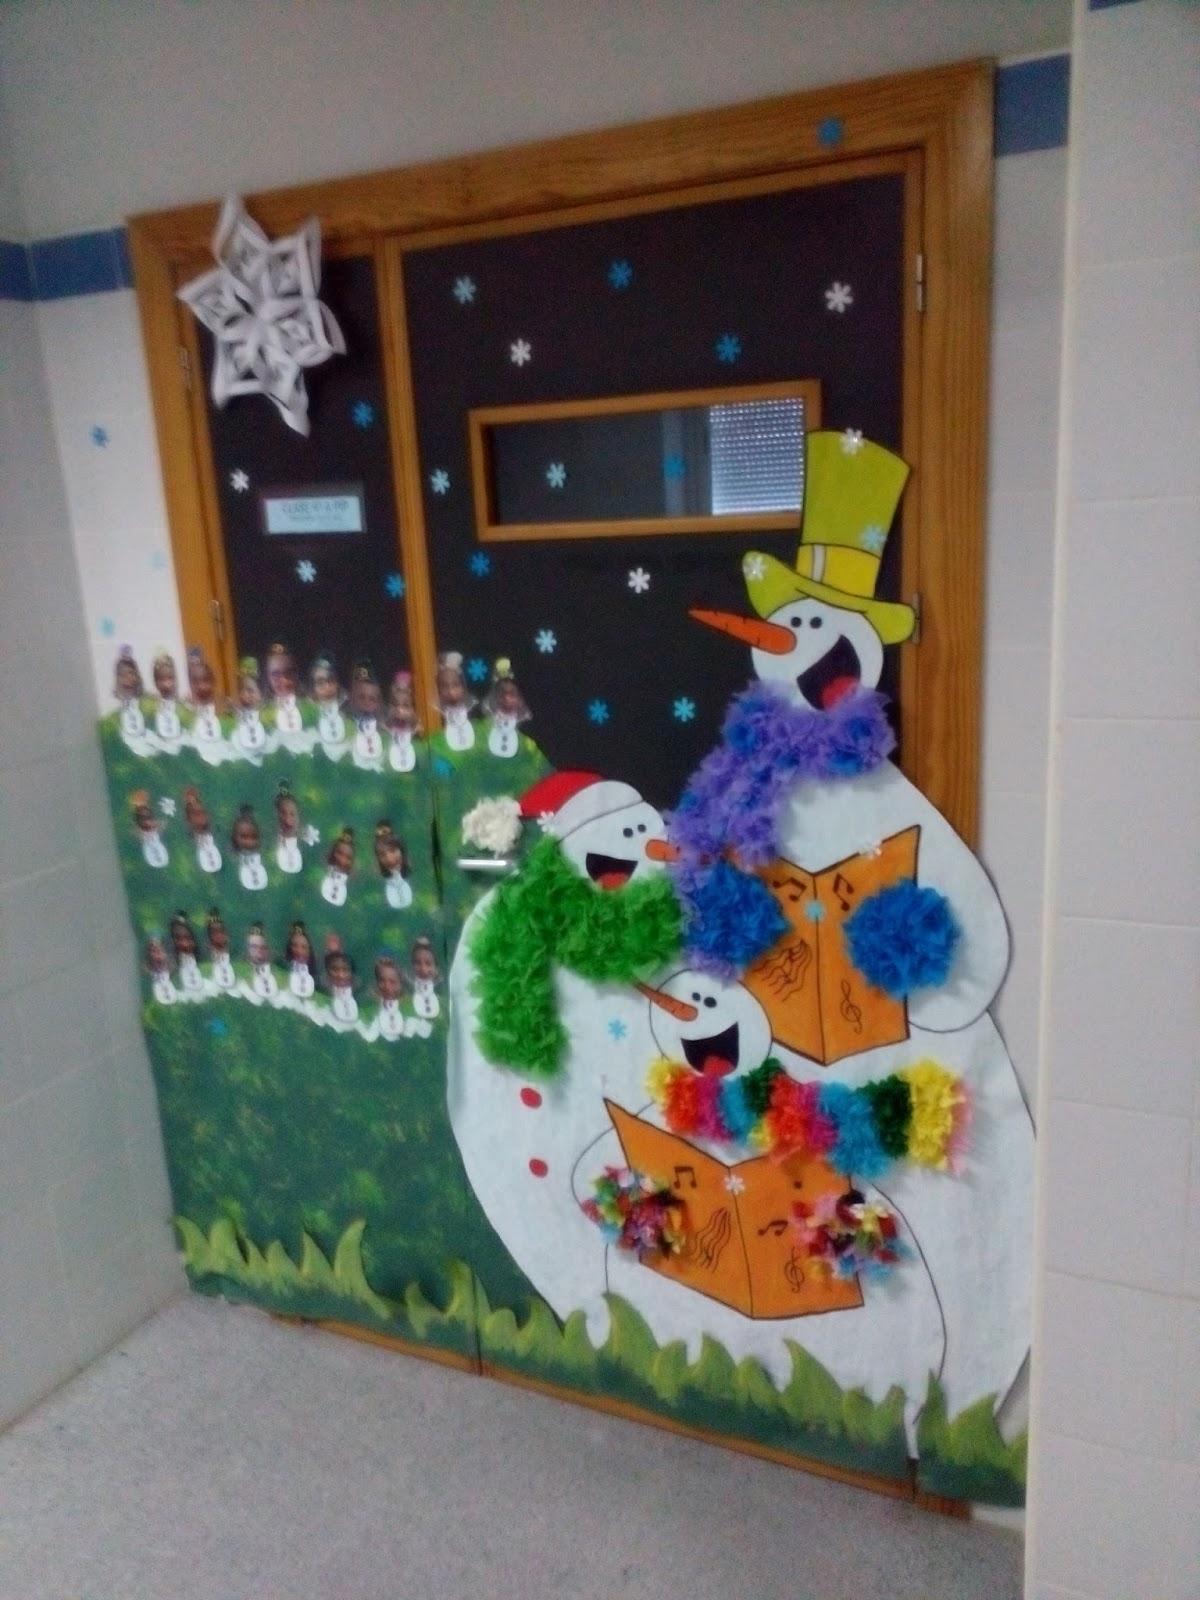 Manualidades escolares decoraci n de puertas for Puertas decoradas navidad material reciclable